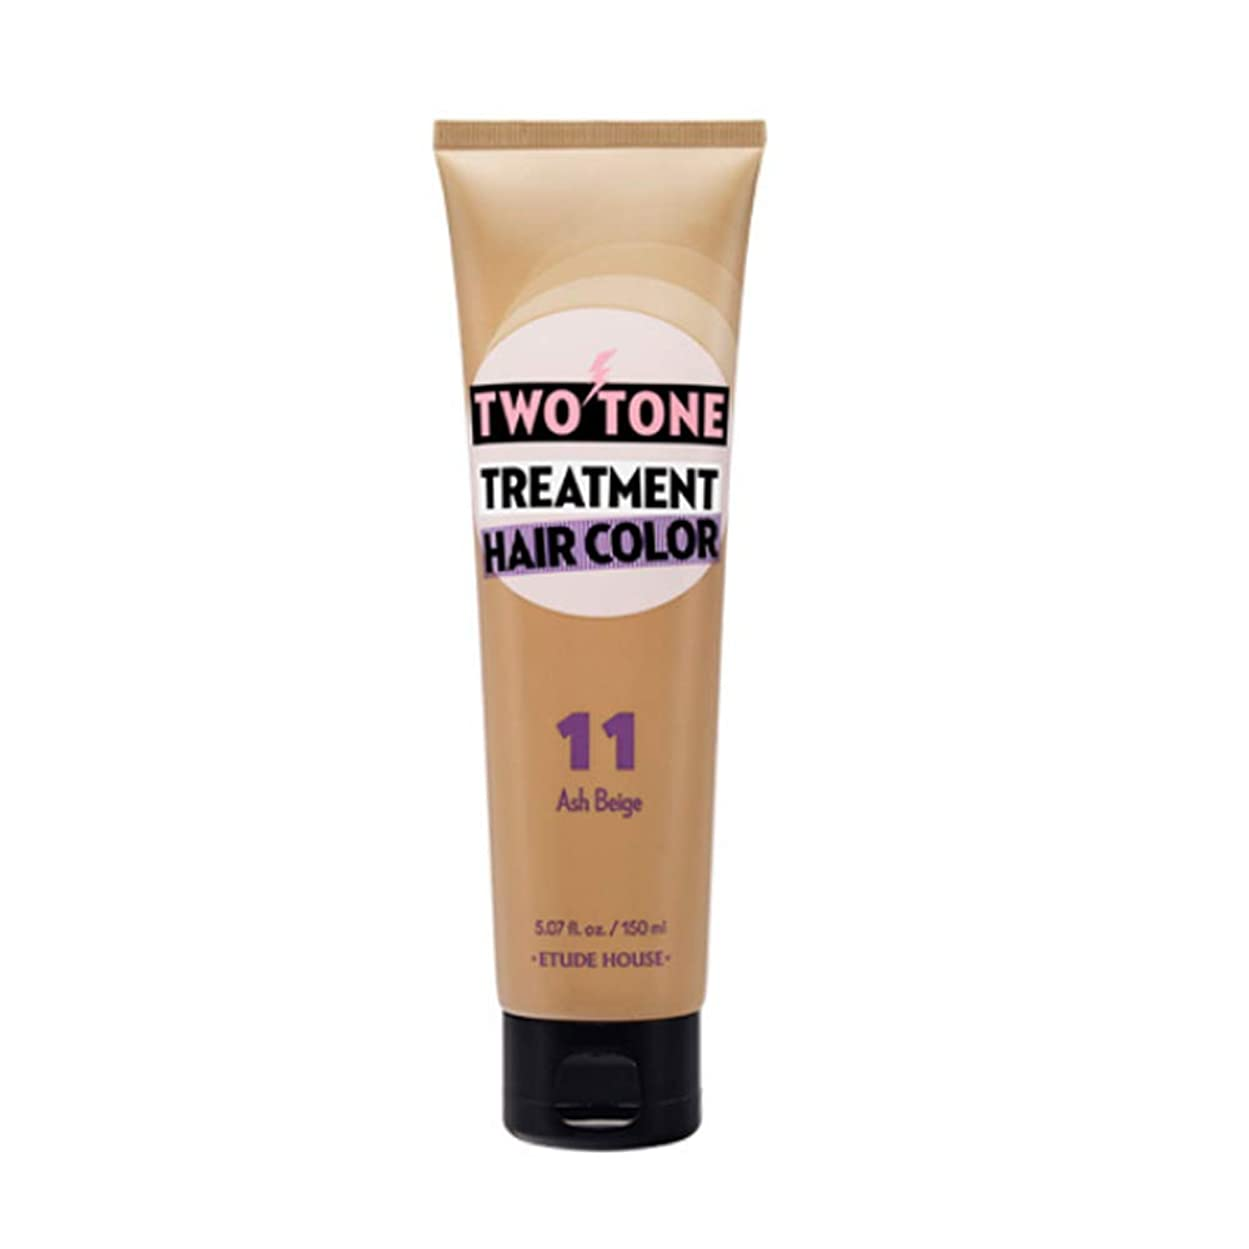 すみません殉教者ブラストETUDE HOUSE Two Tone Treatment Hair Color (#11 Ash Beige) エチュードハウス ツートントリートメントヘアカラー150ml (#11 アッシュベージュ)